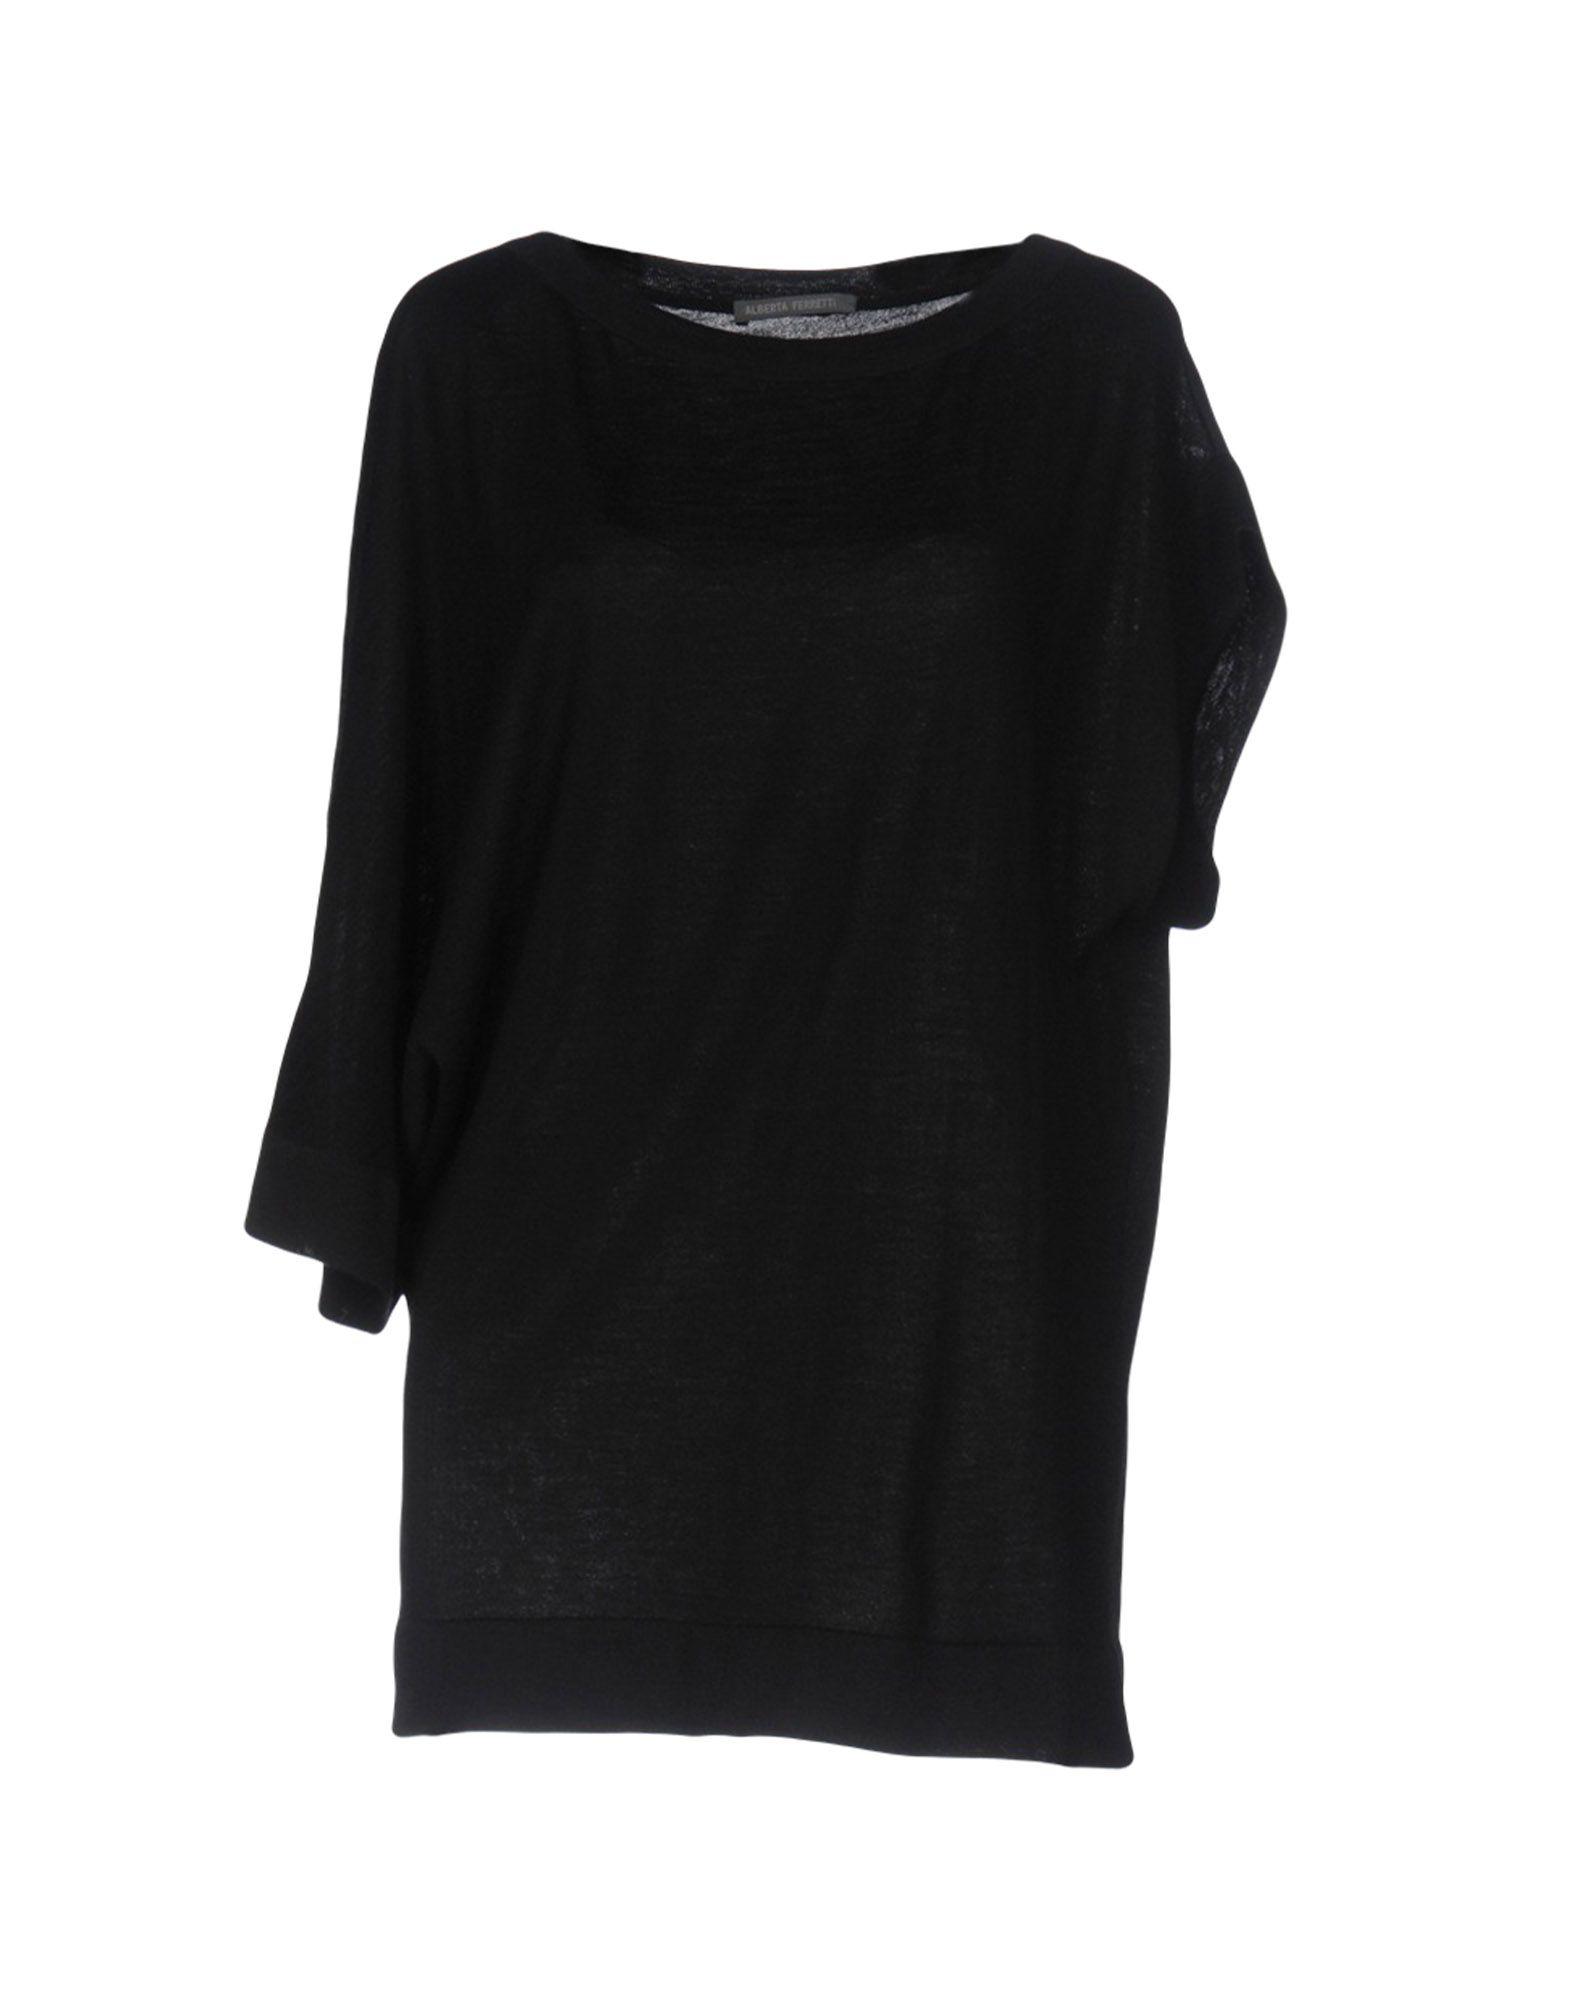 ALBERTA FERRETTI Damen Pullover Farbe Schwarz Größe 5 jetztbilligerkaufen